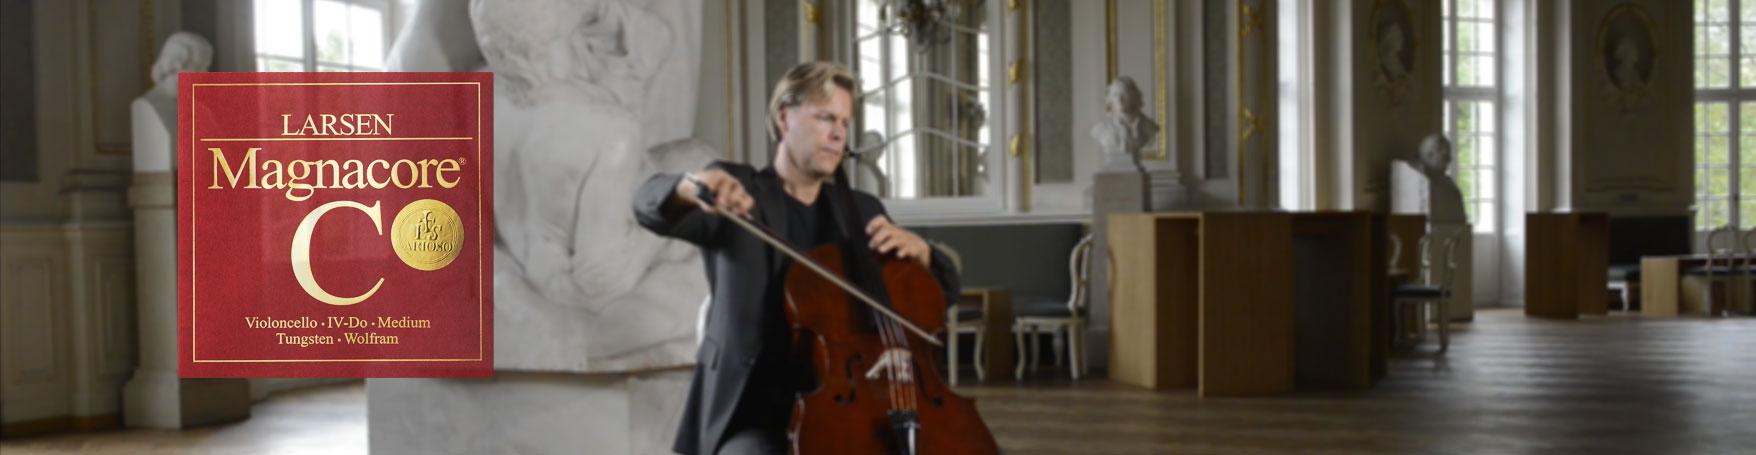 Christopher Franzius plays Larsen Magnacore Arioso cello strings